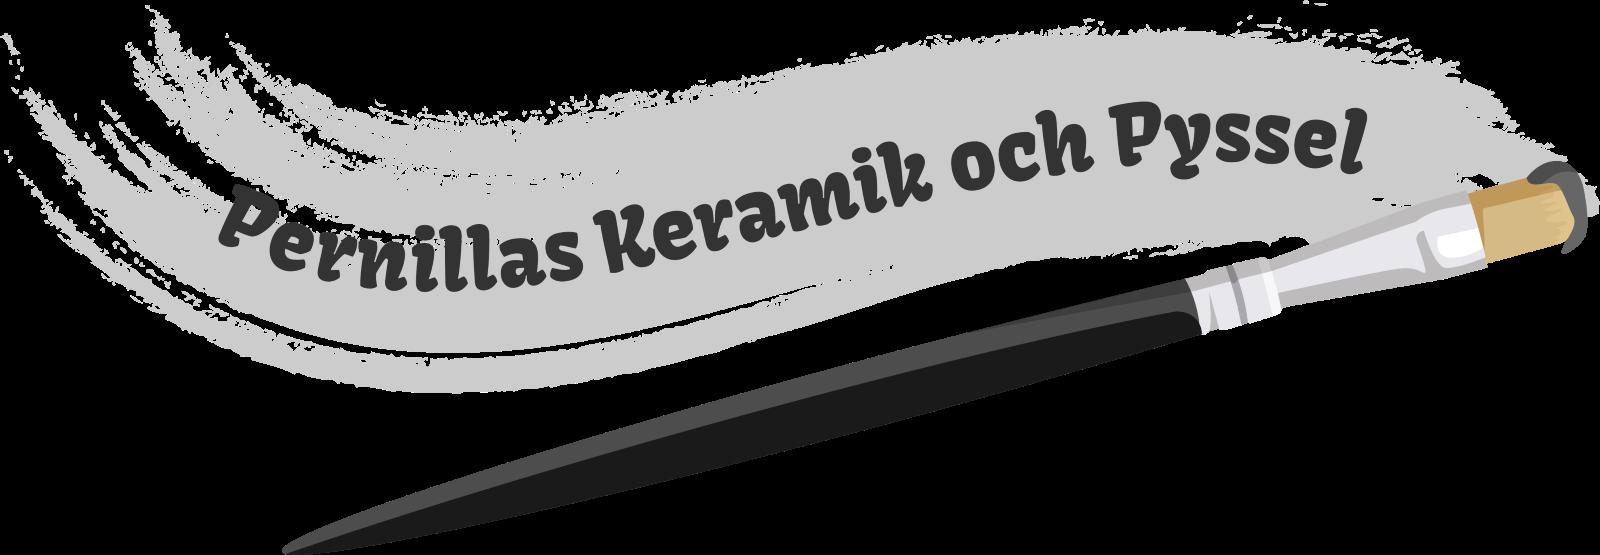 Pernillas Keramik och Pyssel